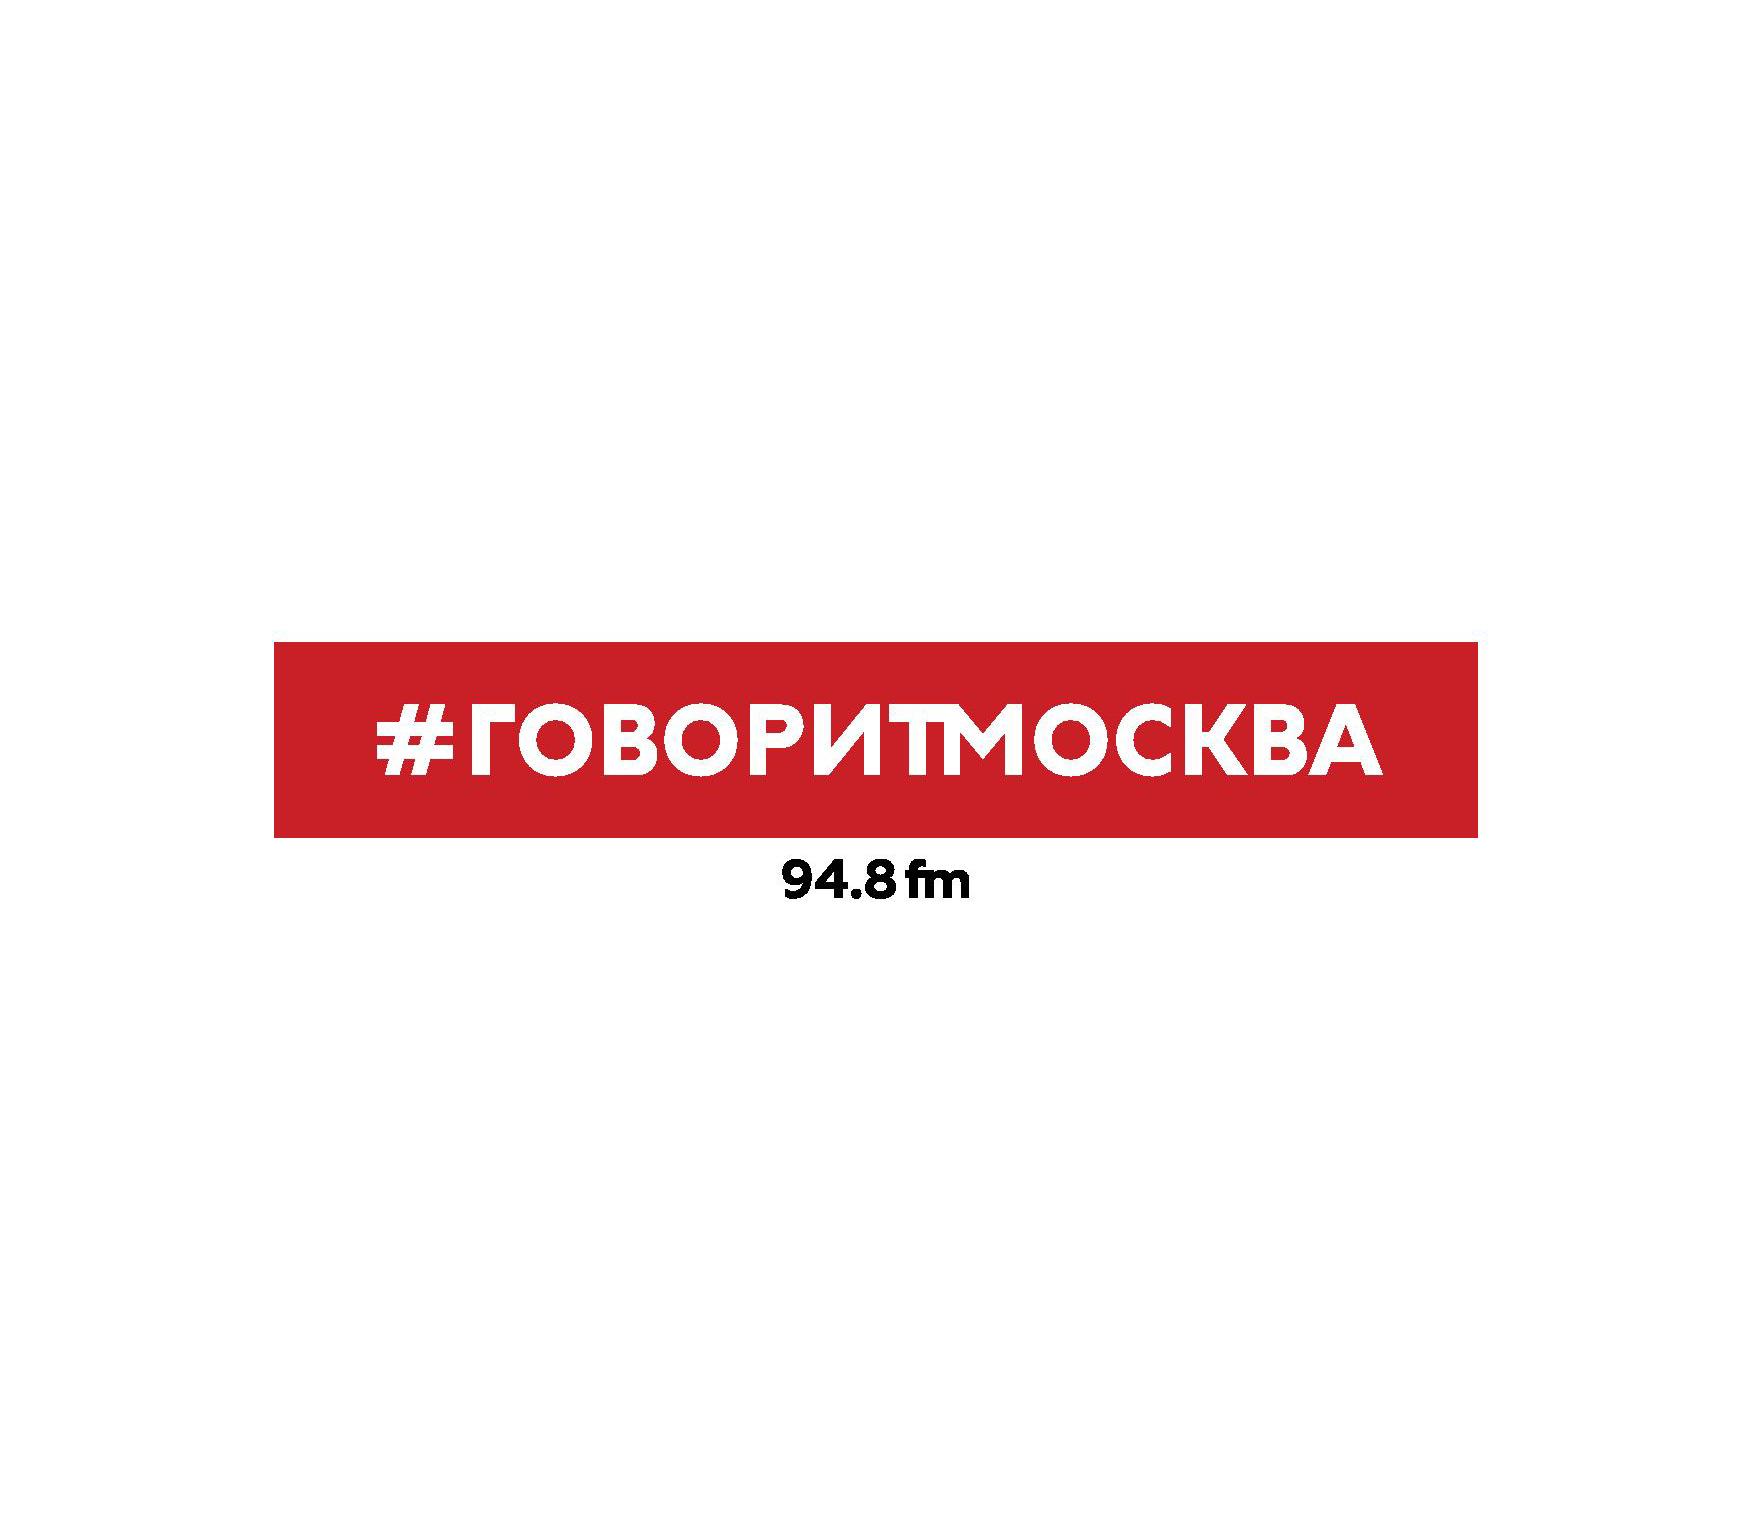 Макс Челноков 13 марта. Вадим Соловьев макс челноков 4 марта ульрих хайден